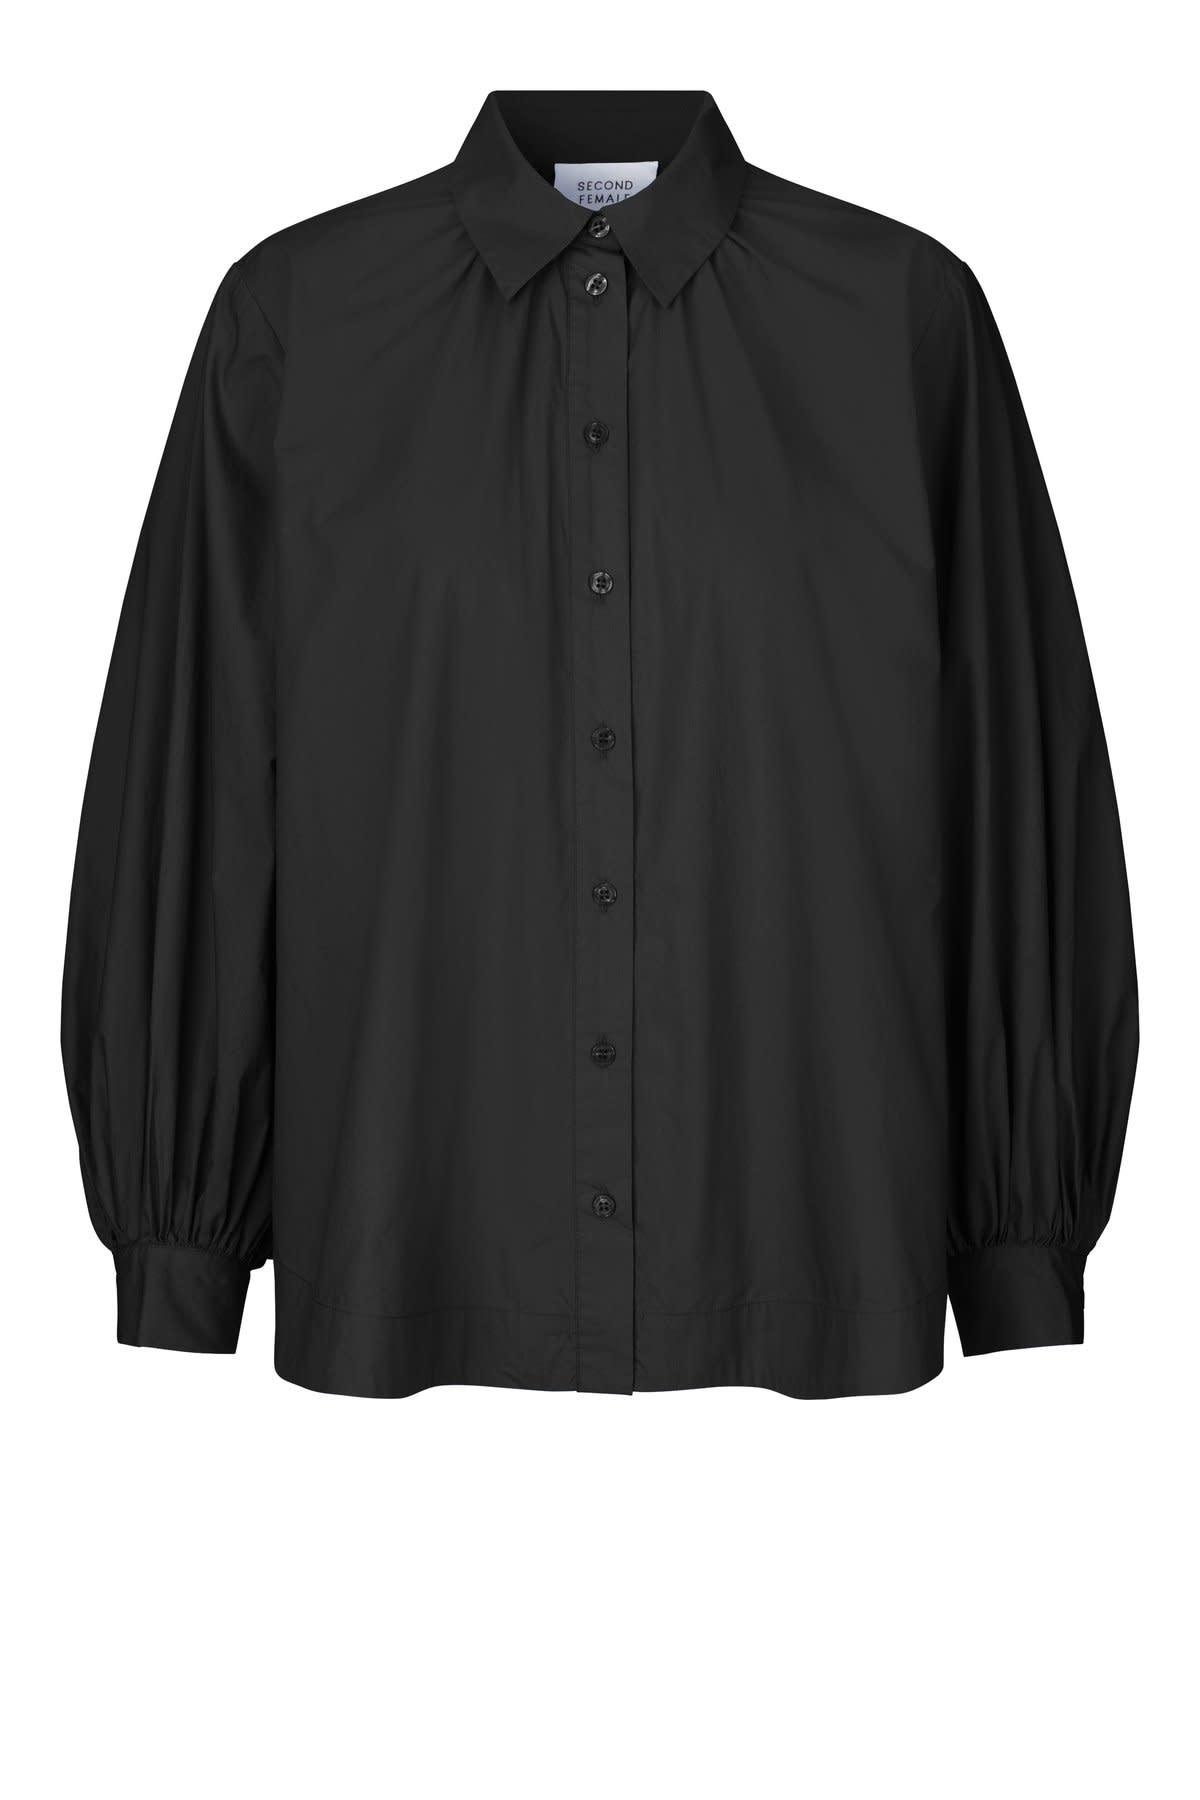 Totema New shirt black-4